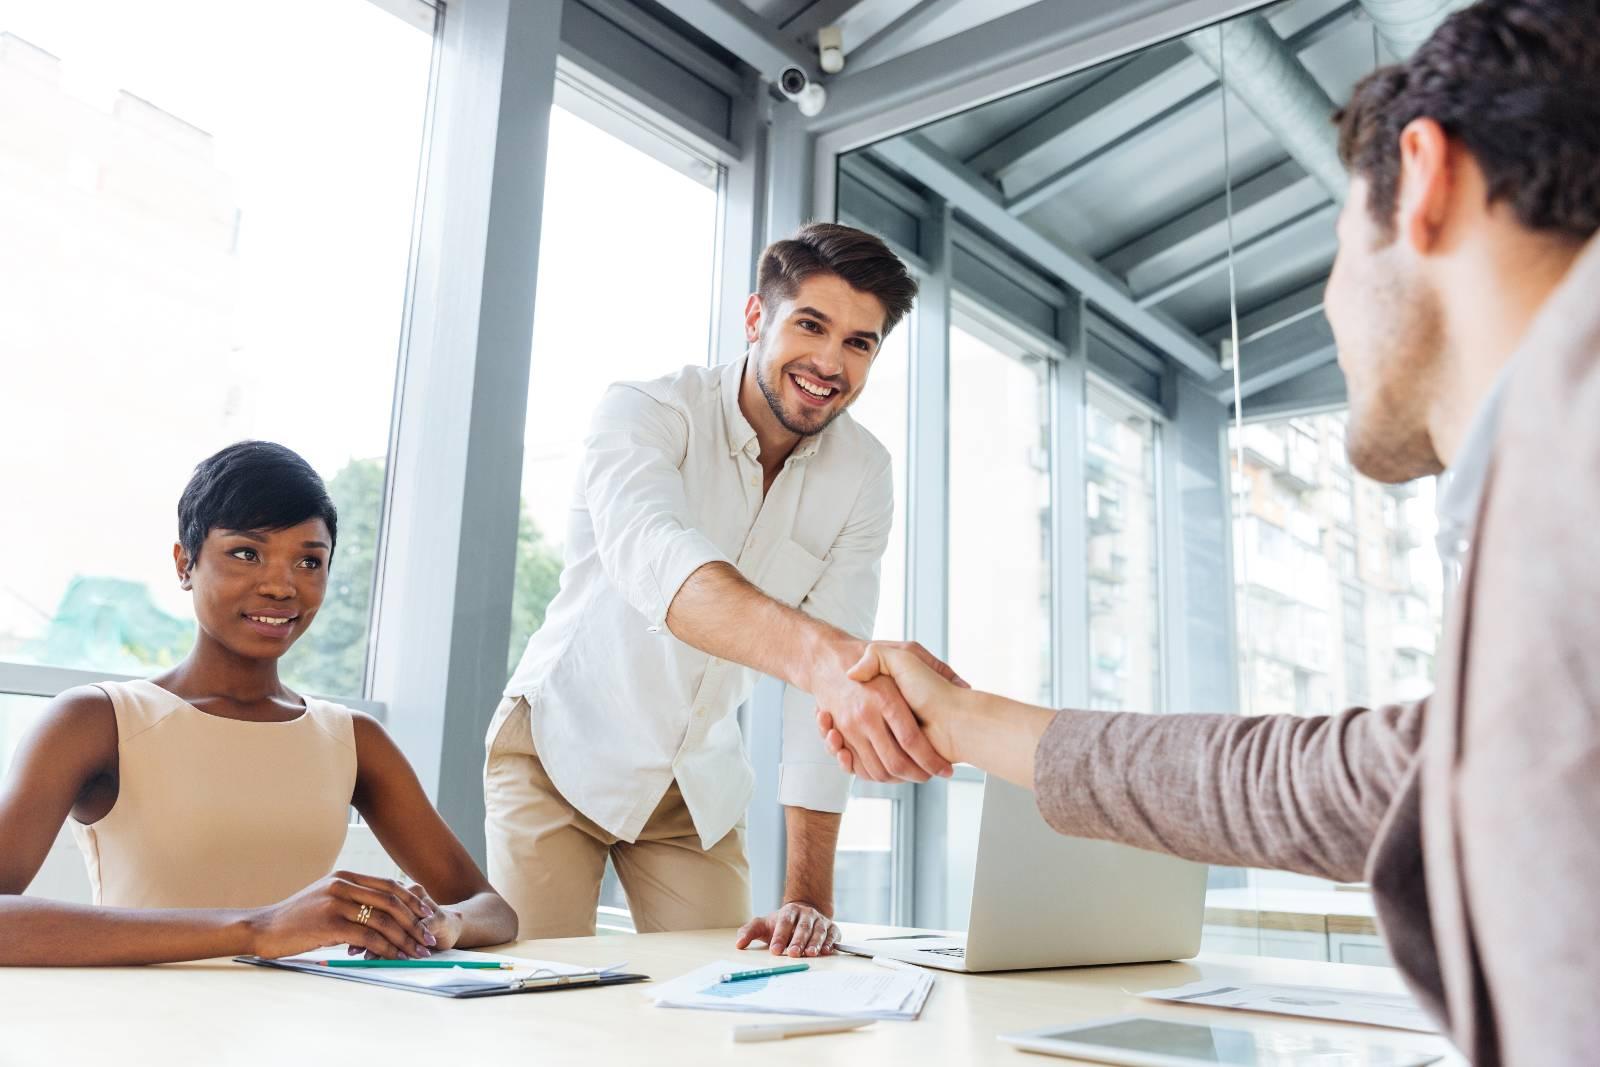 kurs-angielskiego-online-business-meetings-angielski-kurs-spotkania-biznesowe